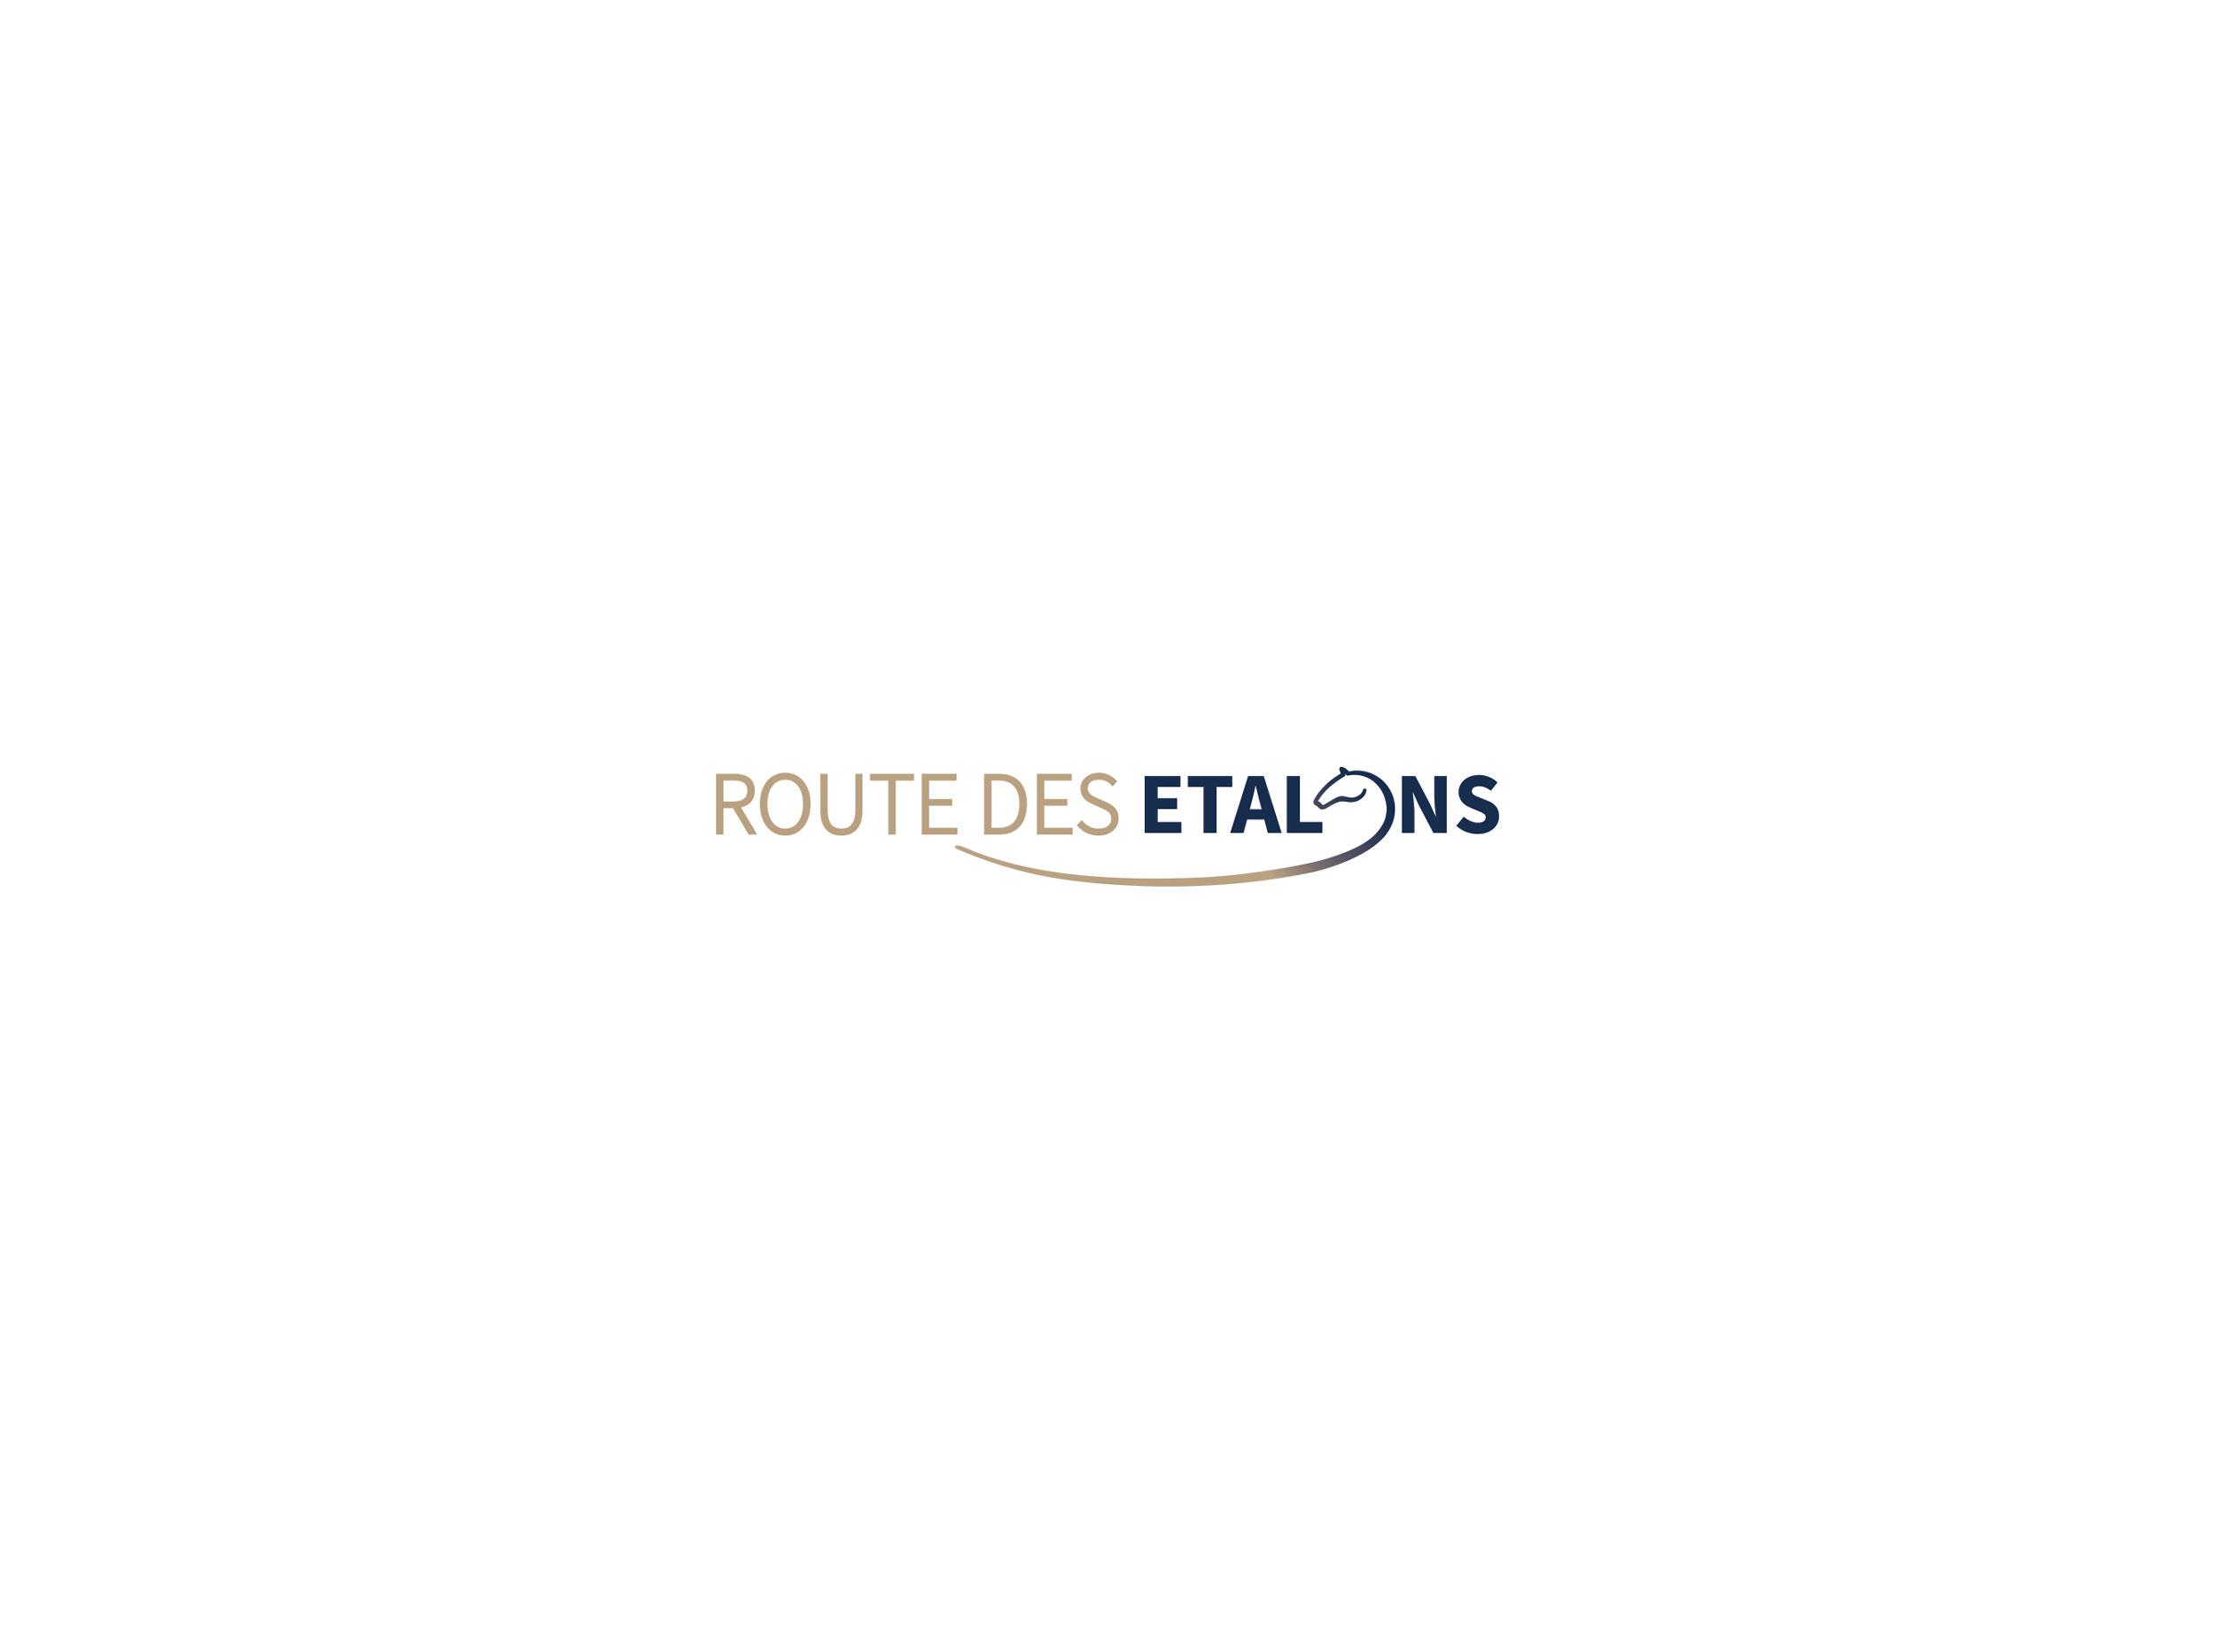 rde-logo.jpg